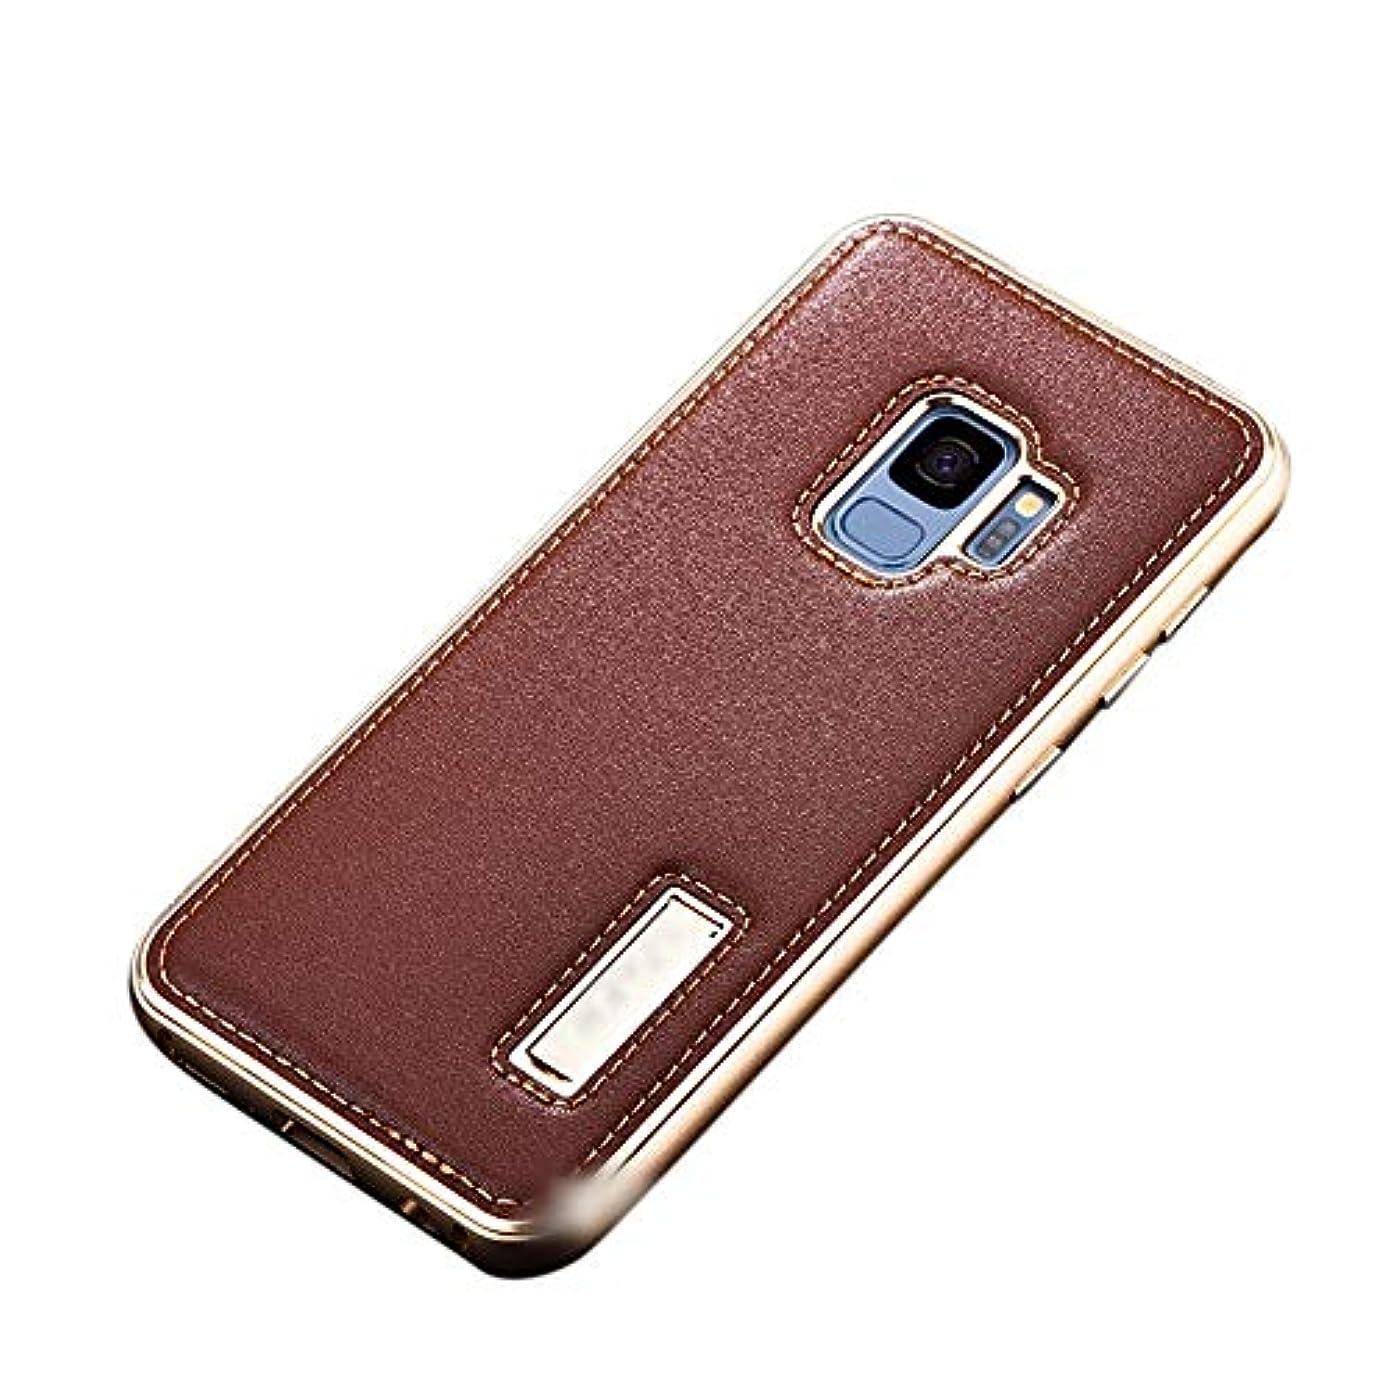 アヒル独立してマッシュTonglilili 電話ケース、レザーケース飛散防止シェルサムスン注3、注4、注2、S5、S6のための新しい包括的な携帯電話保護カバー電話ケース (Color : 淡い茶色, Edition : Note2)